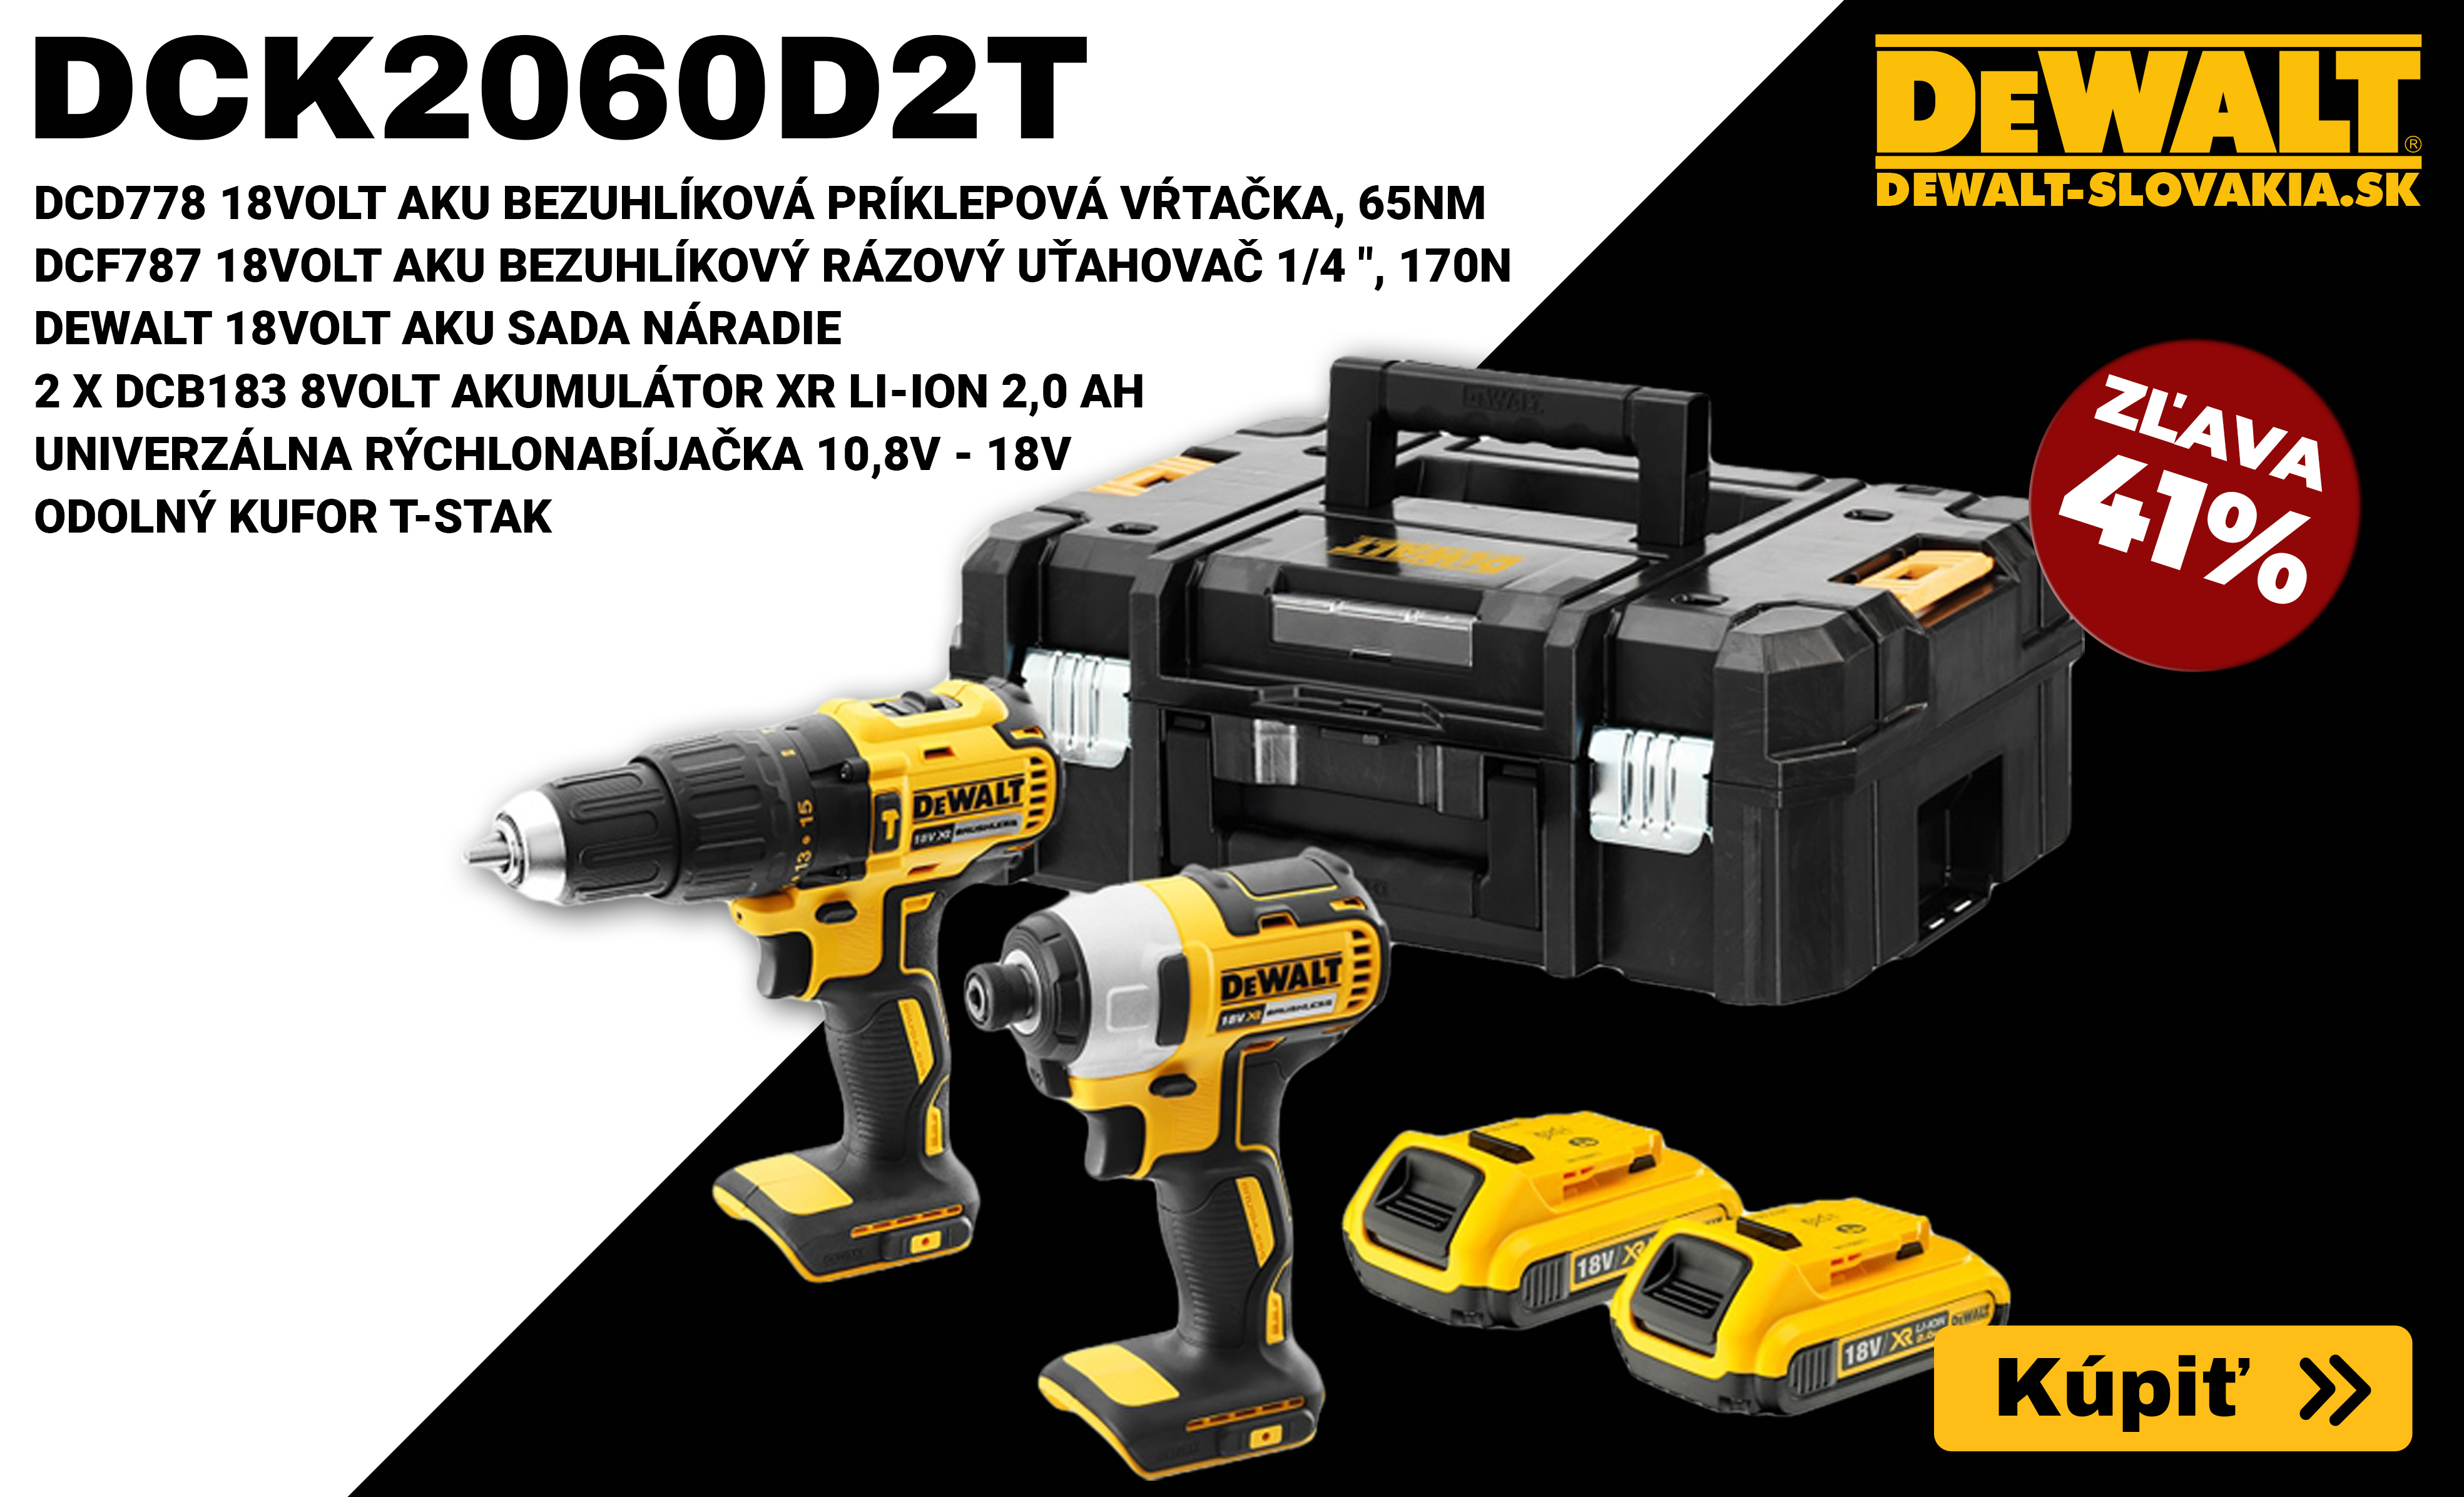 DCK2060D2T